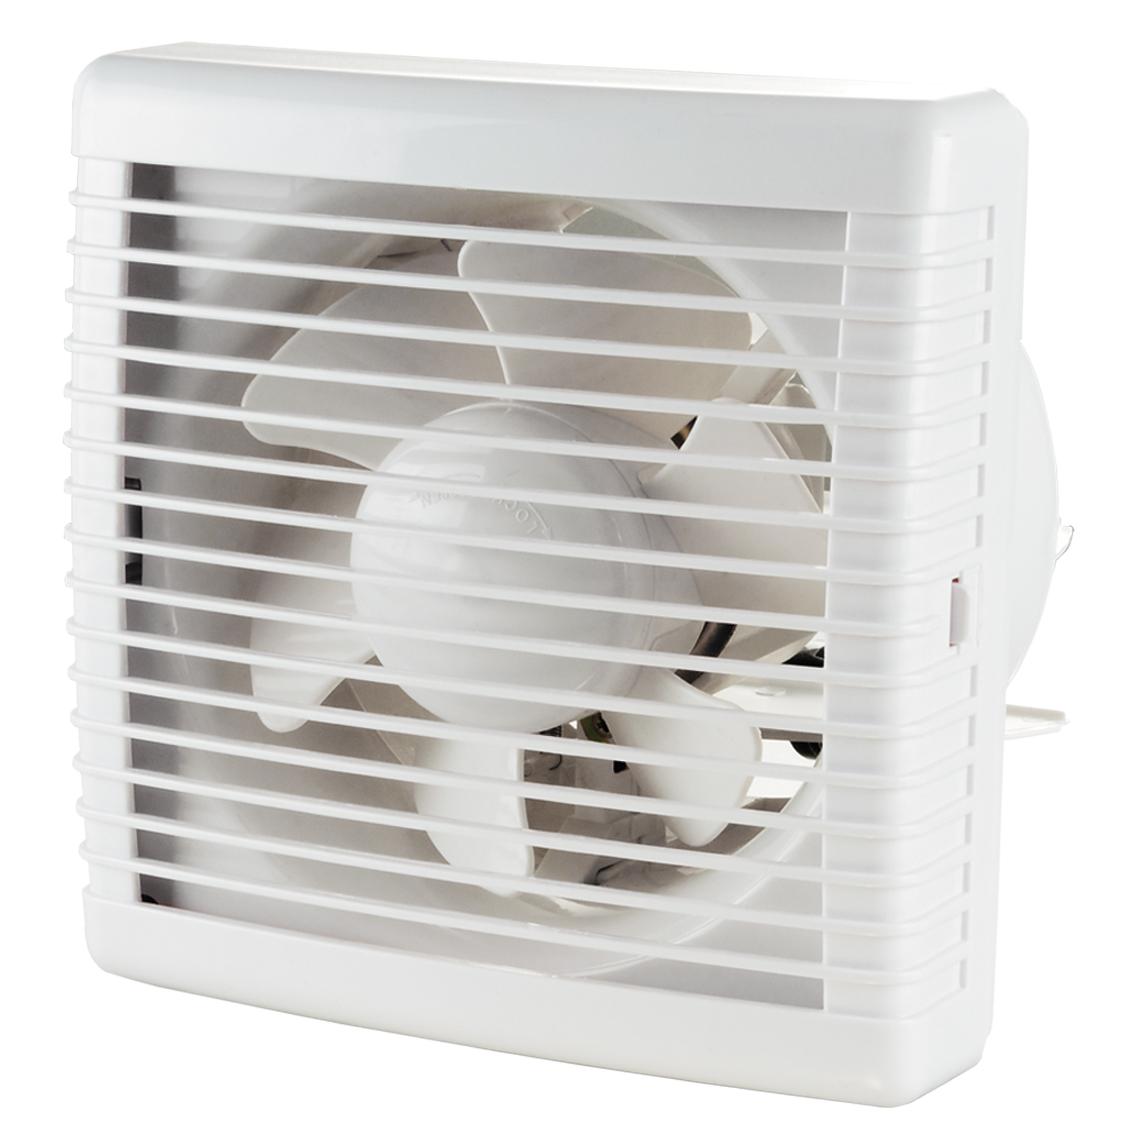 Ventilátory VENTS VV okenní